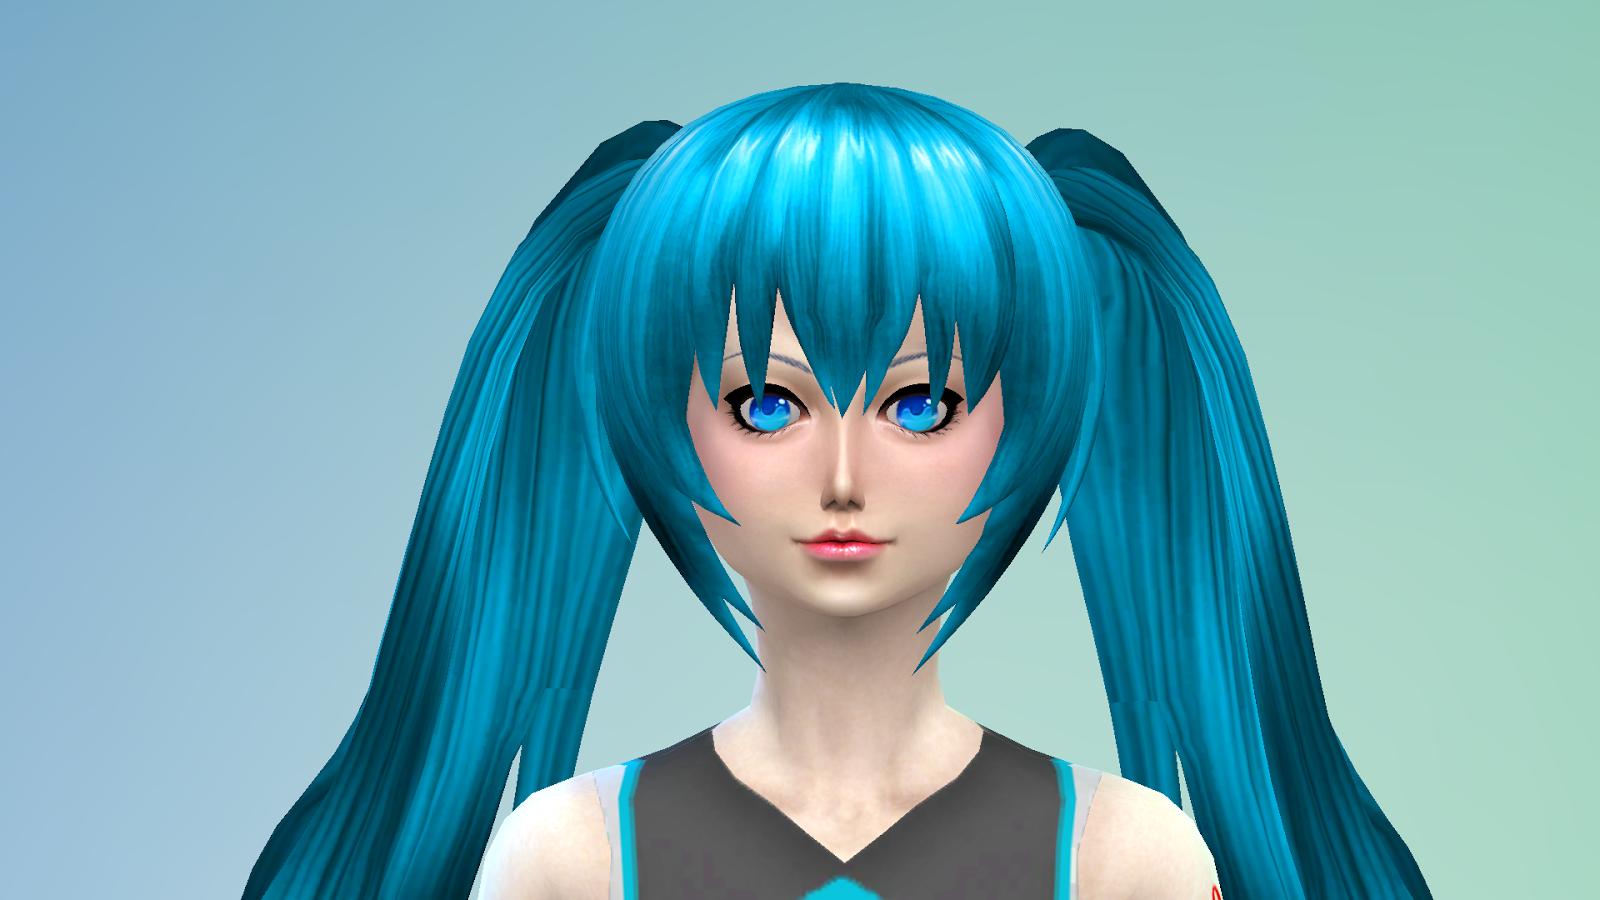 Ng Sims 3 Hatsune Miku Sims 4 Models Amp Clothes